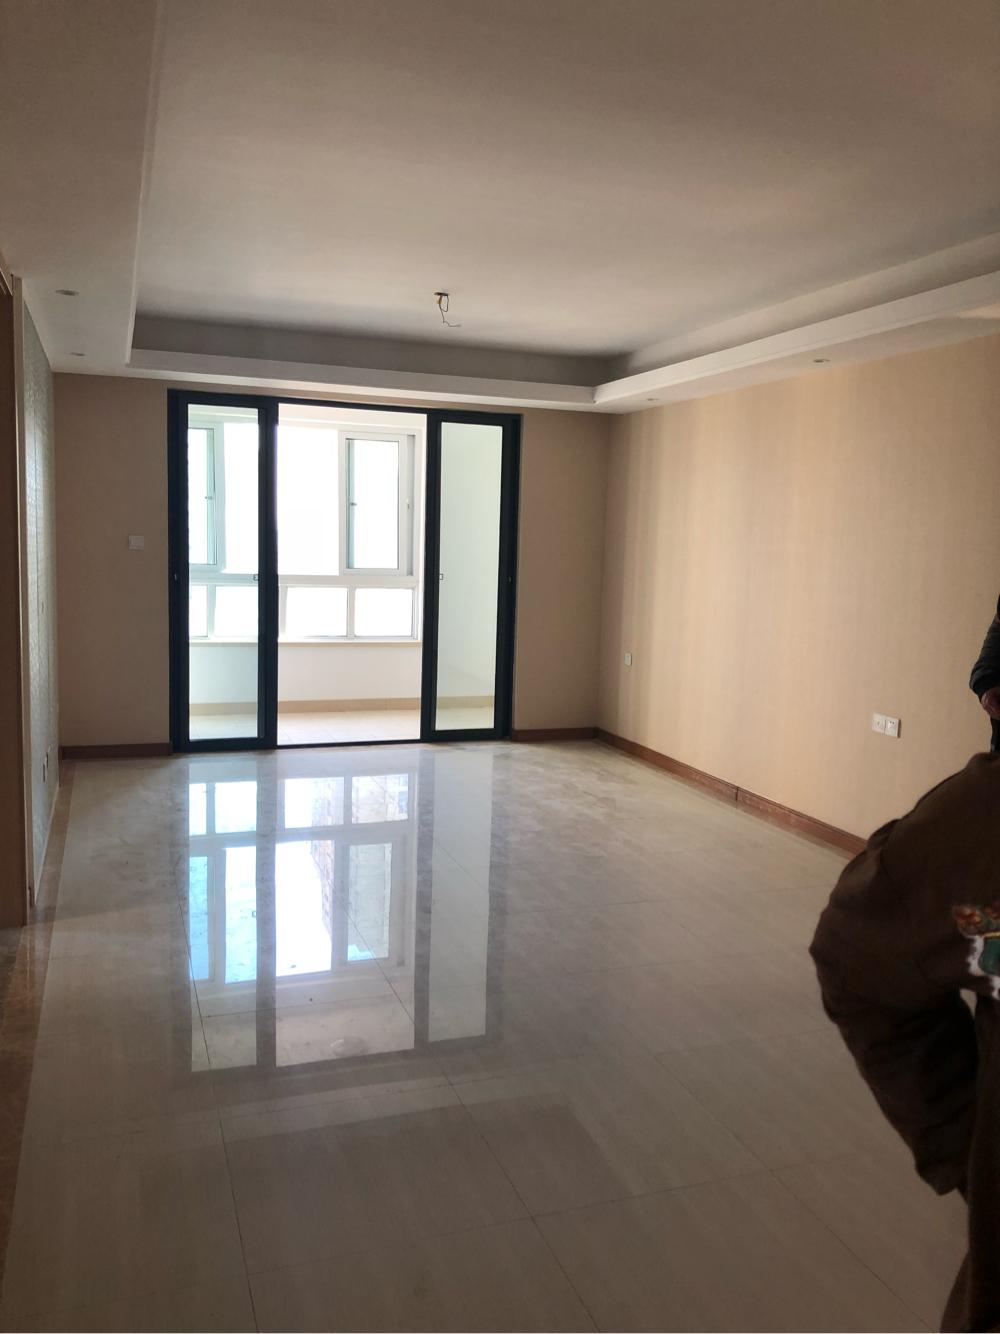 淮河新城五期新房出租房东不愿意租给住家的 想租给开公司作办公室用的 _2